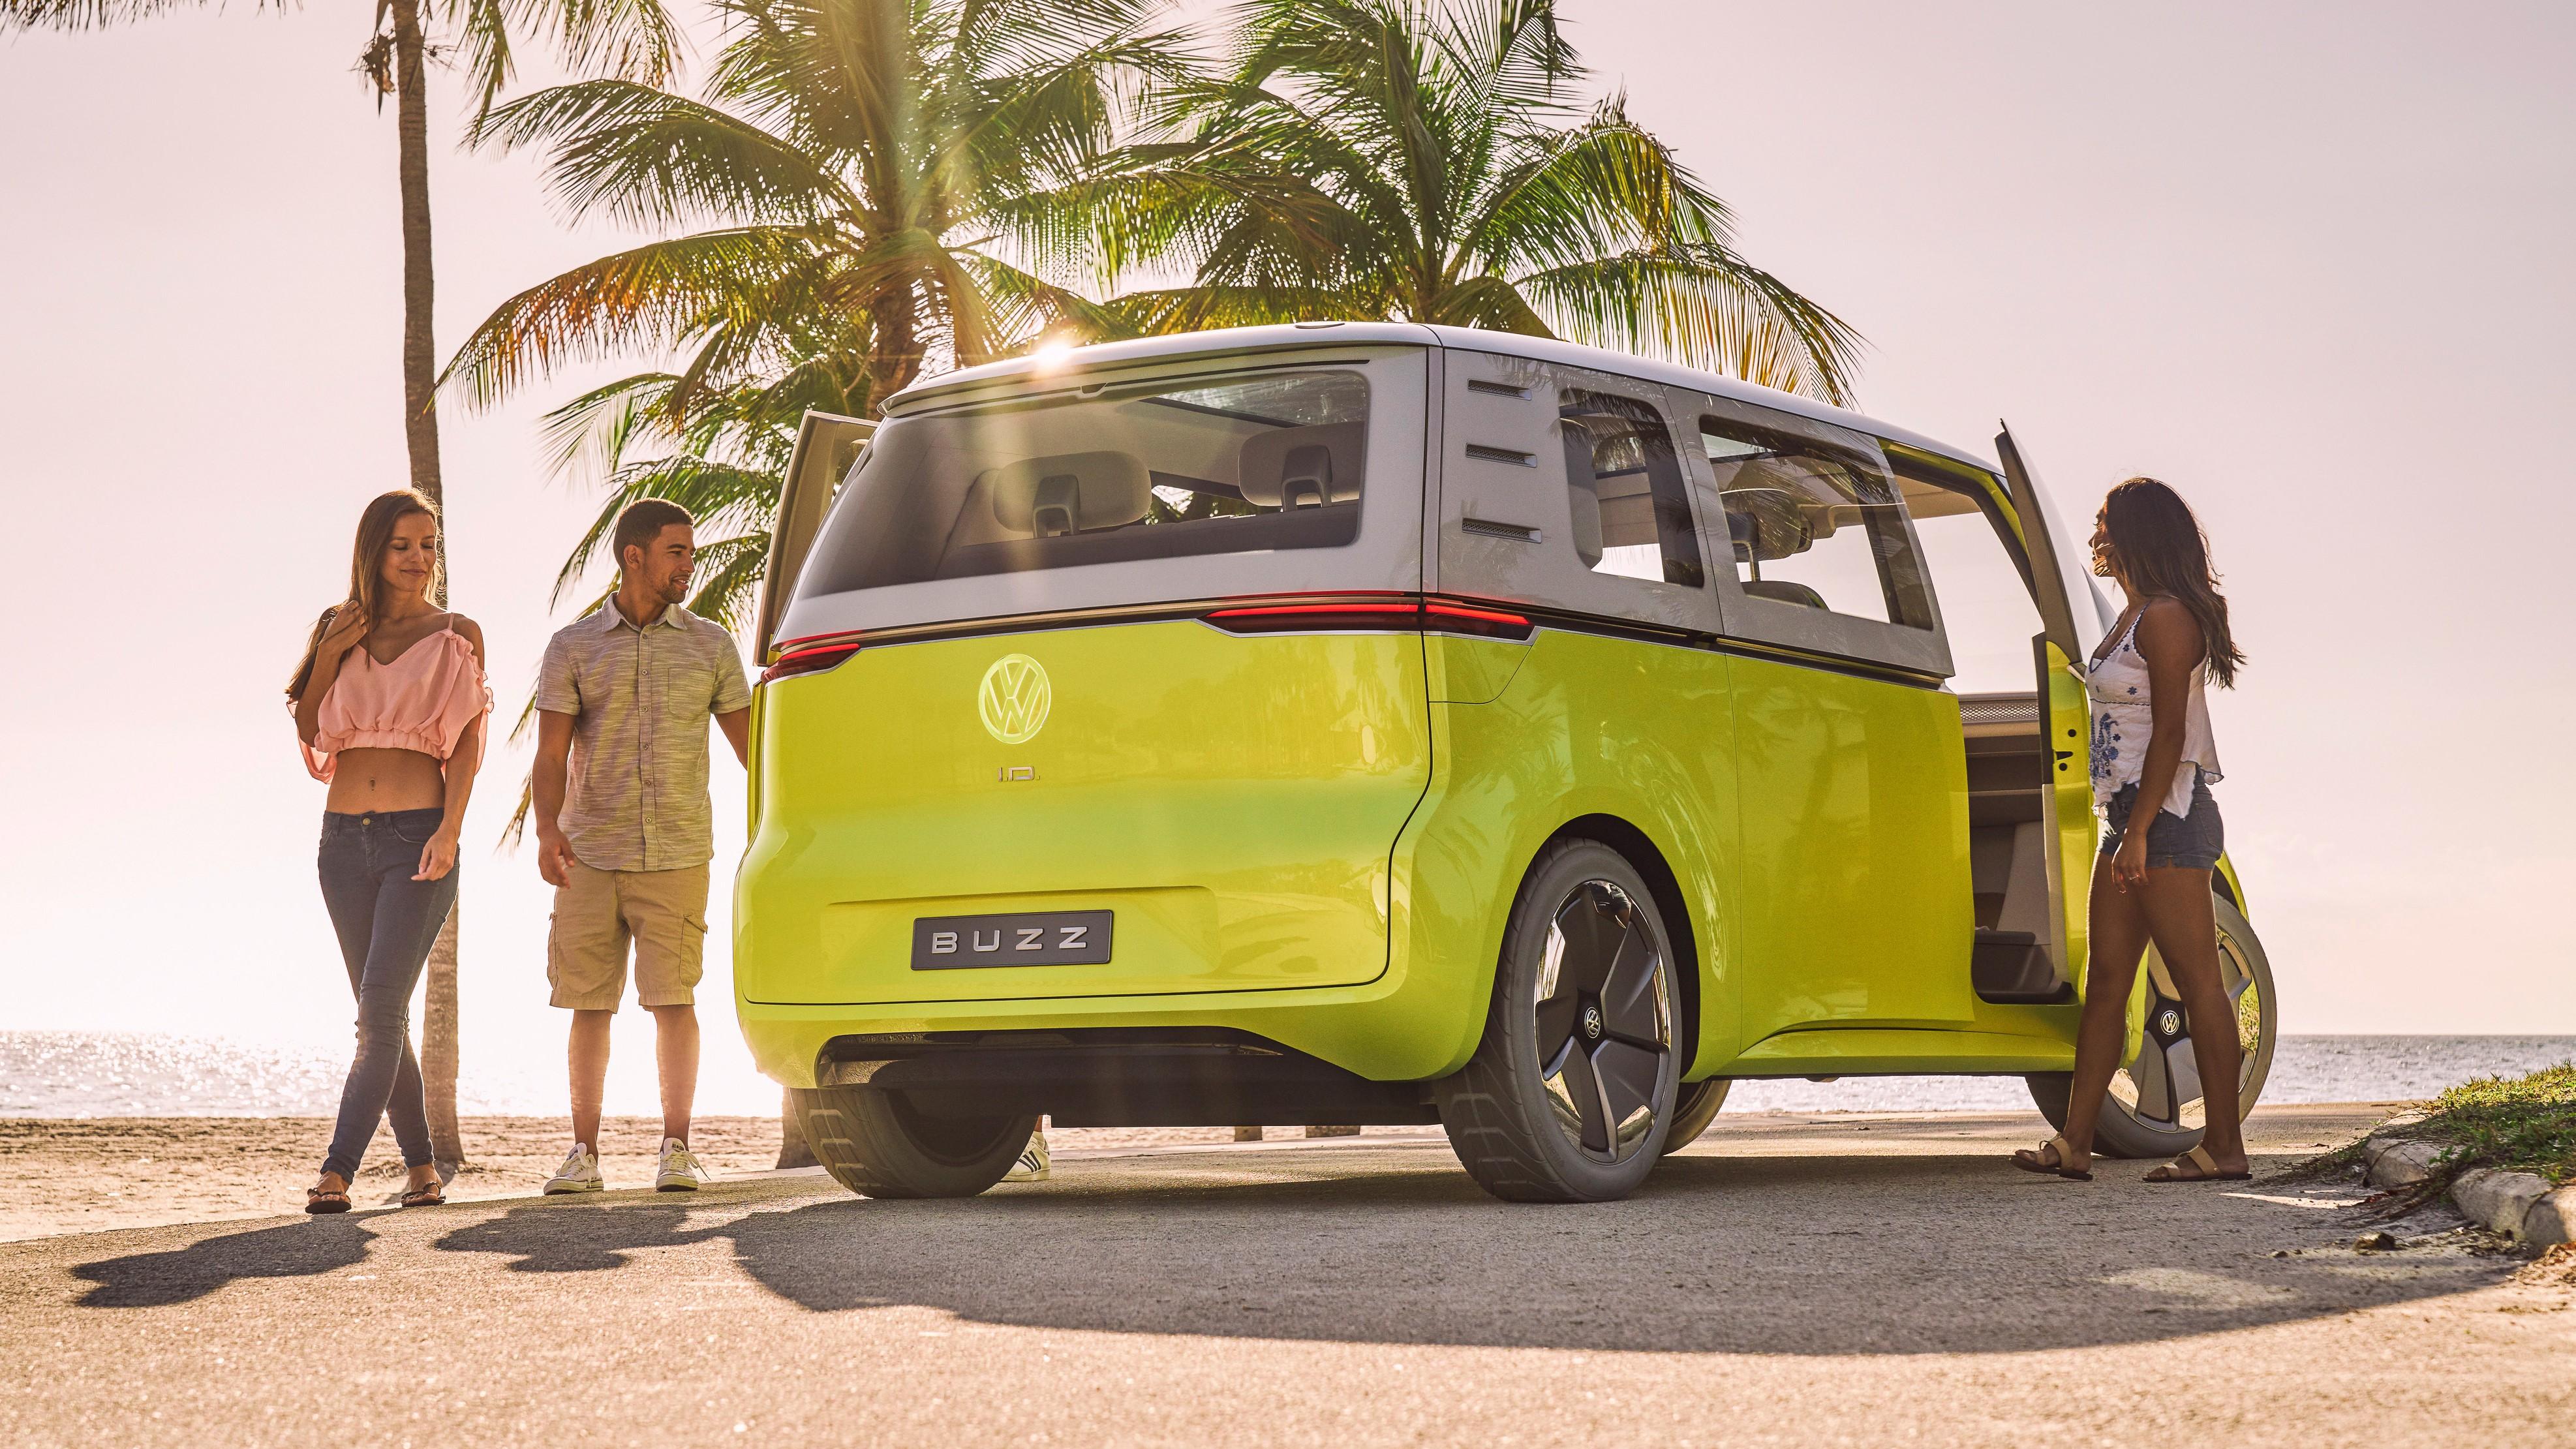 Технологии Nvidia лягут в основу беспилотных такси и цифрового водителя